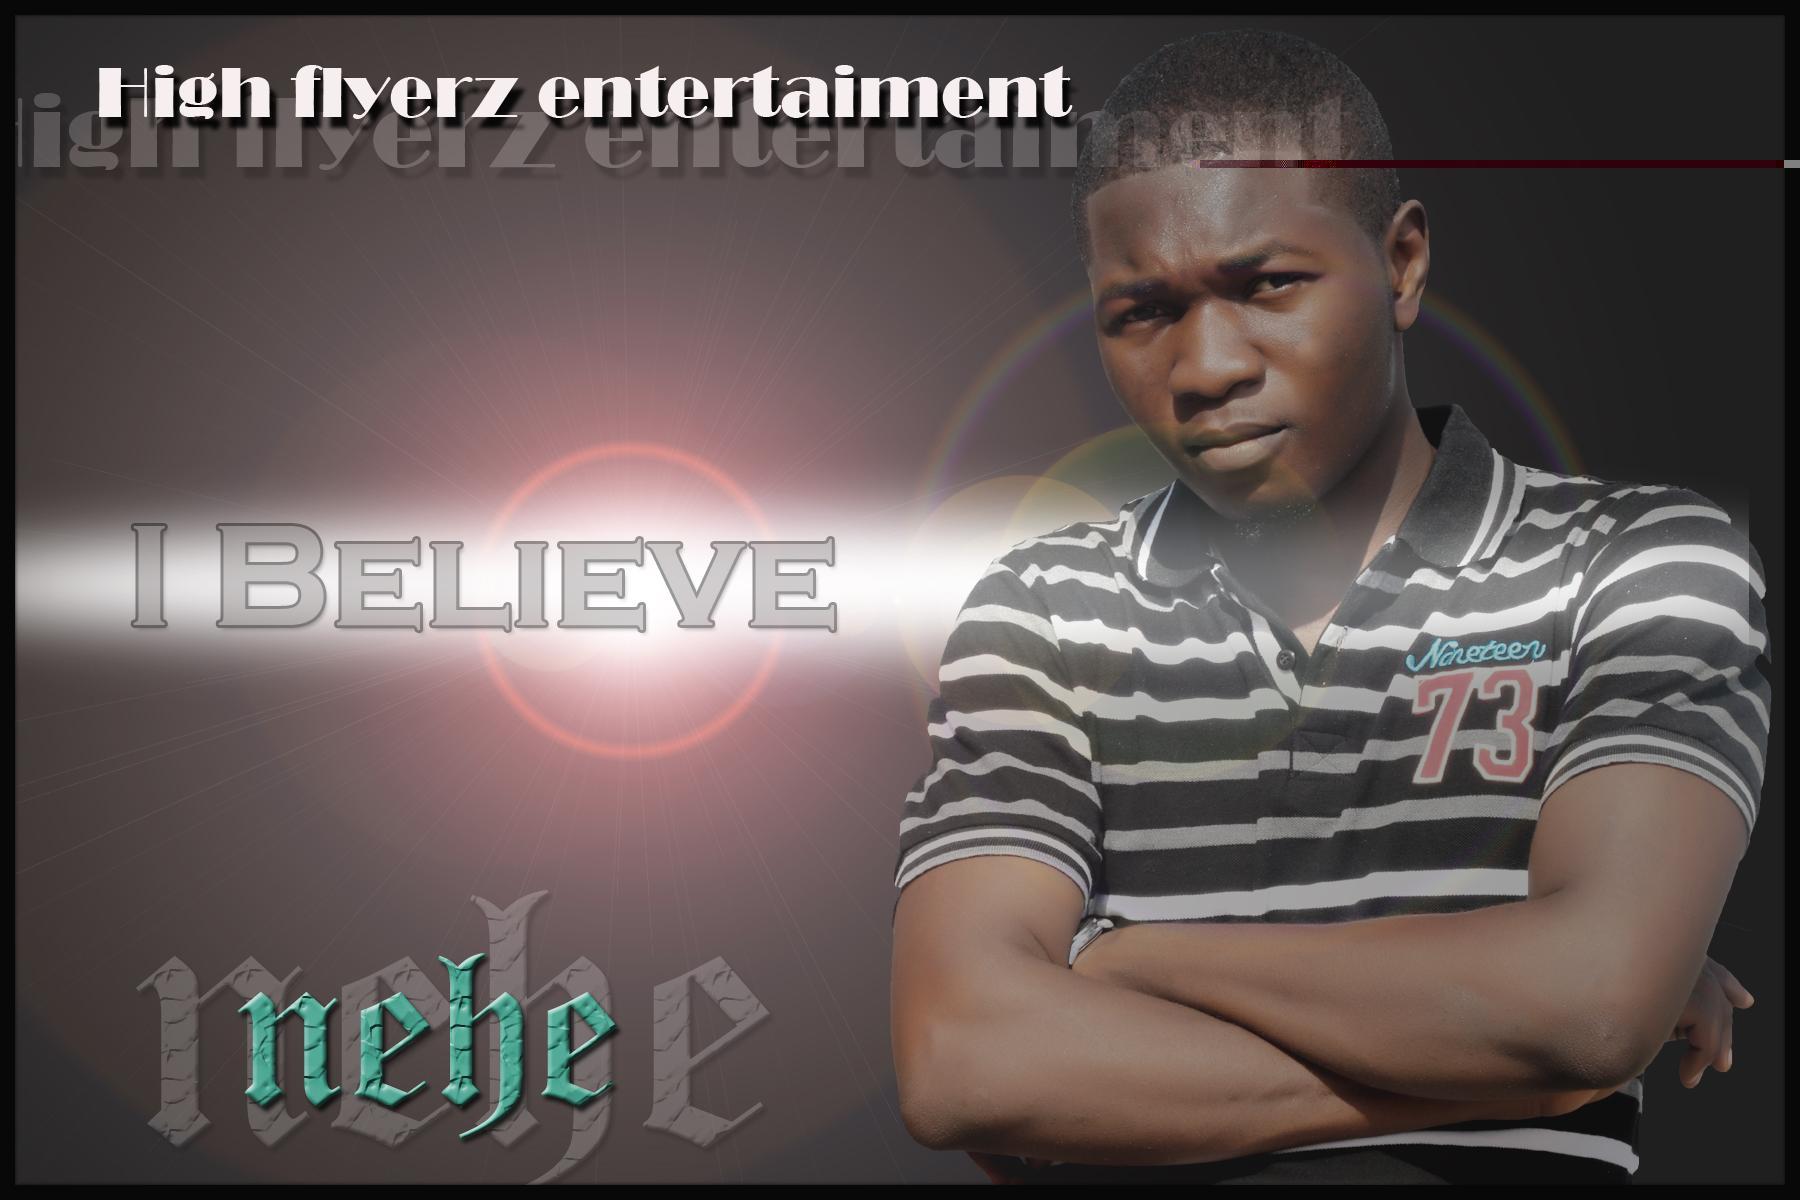 Nehe - I believe